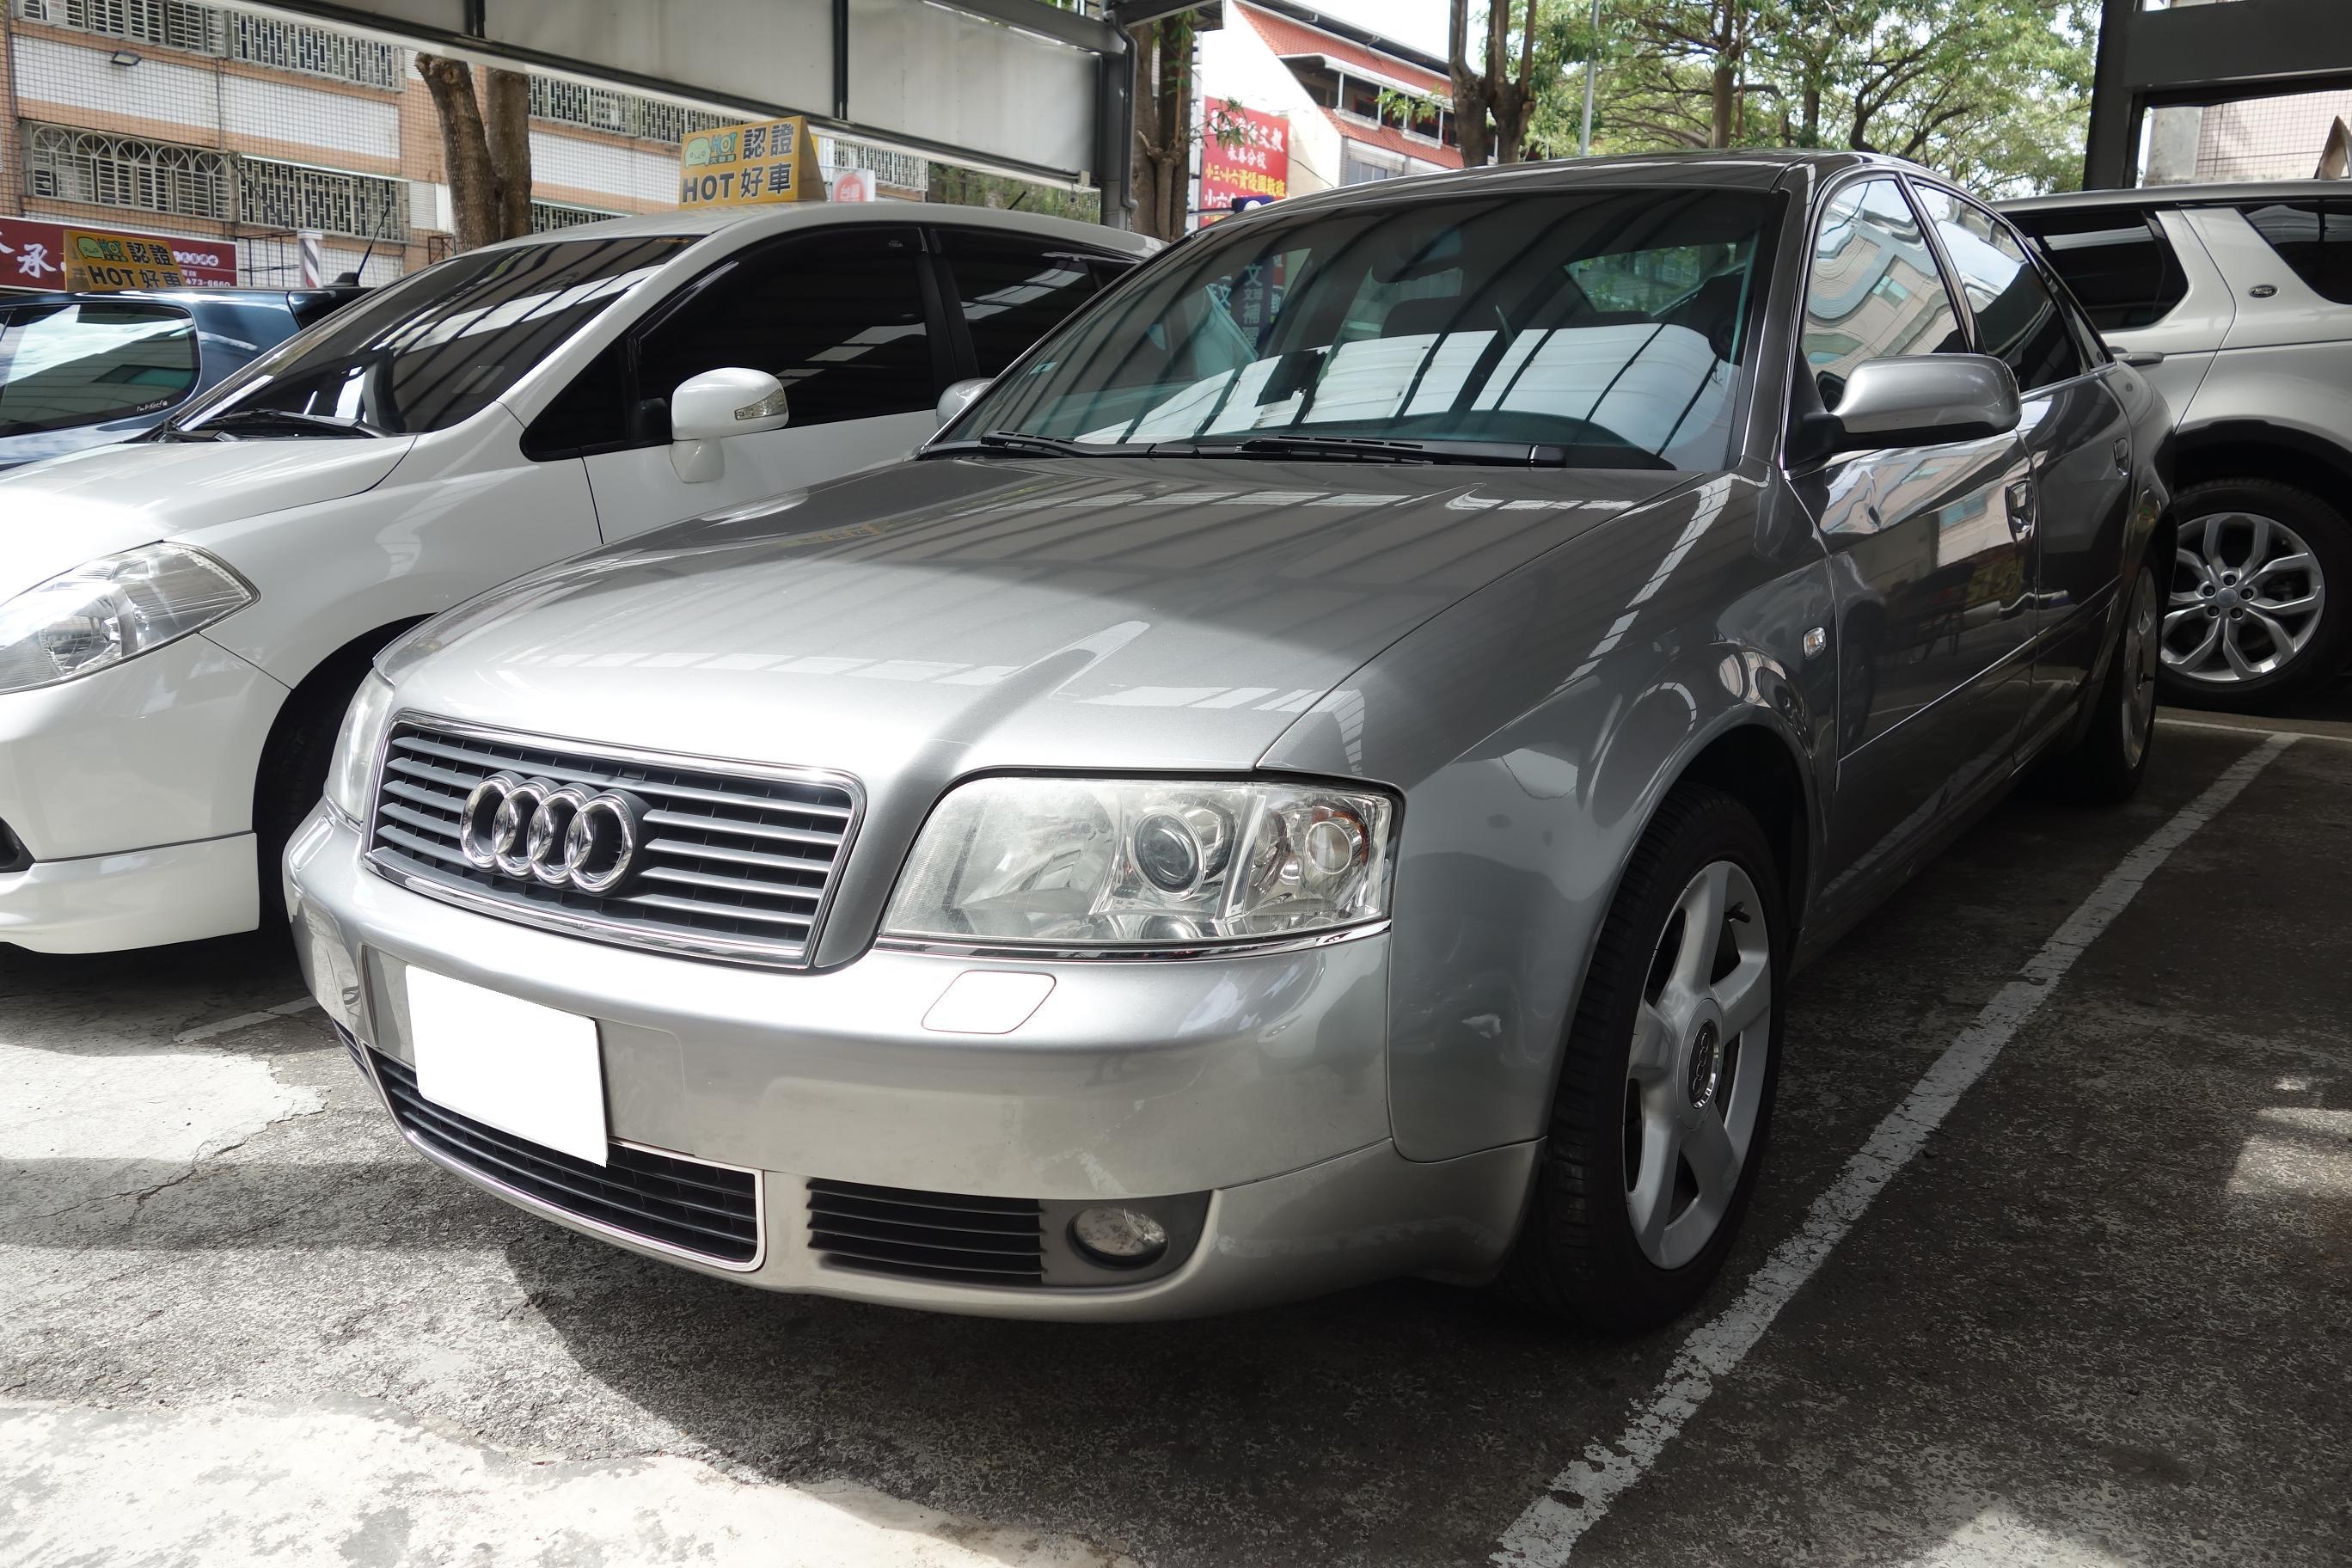 2004 Audi A6 sedan